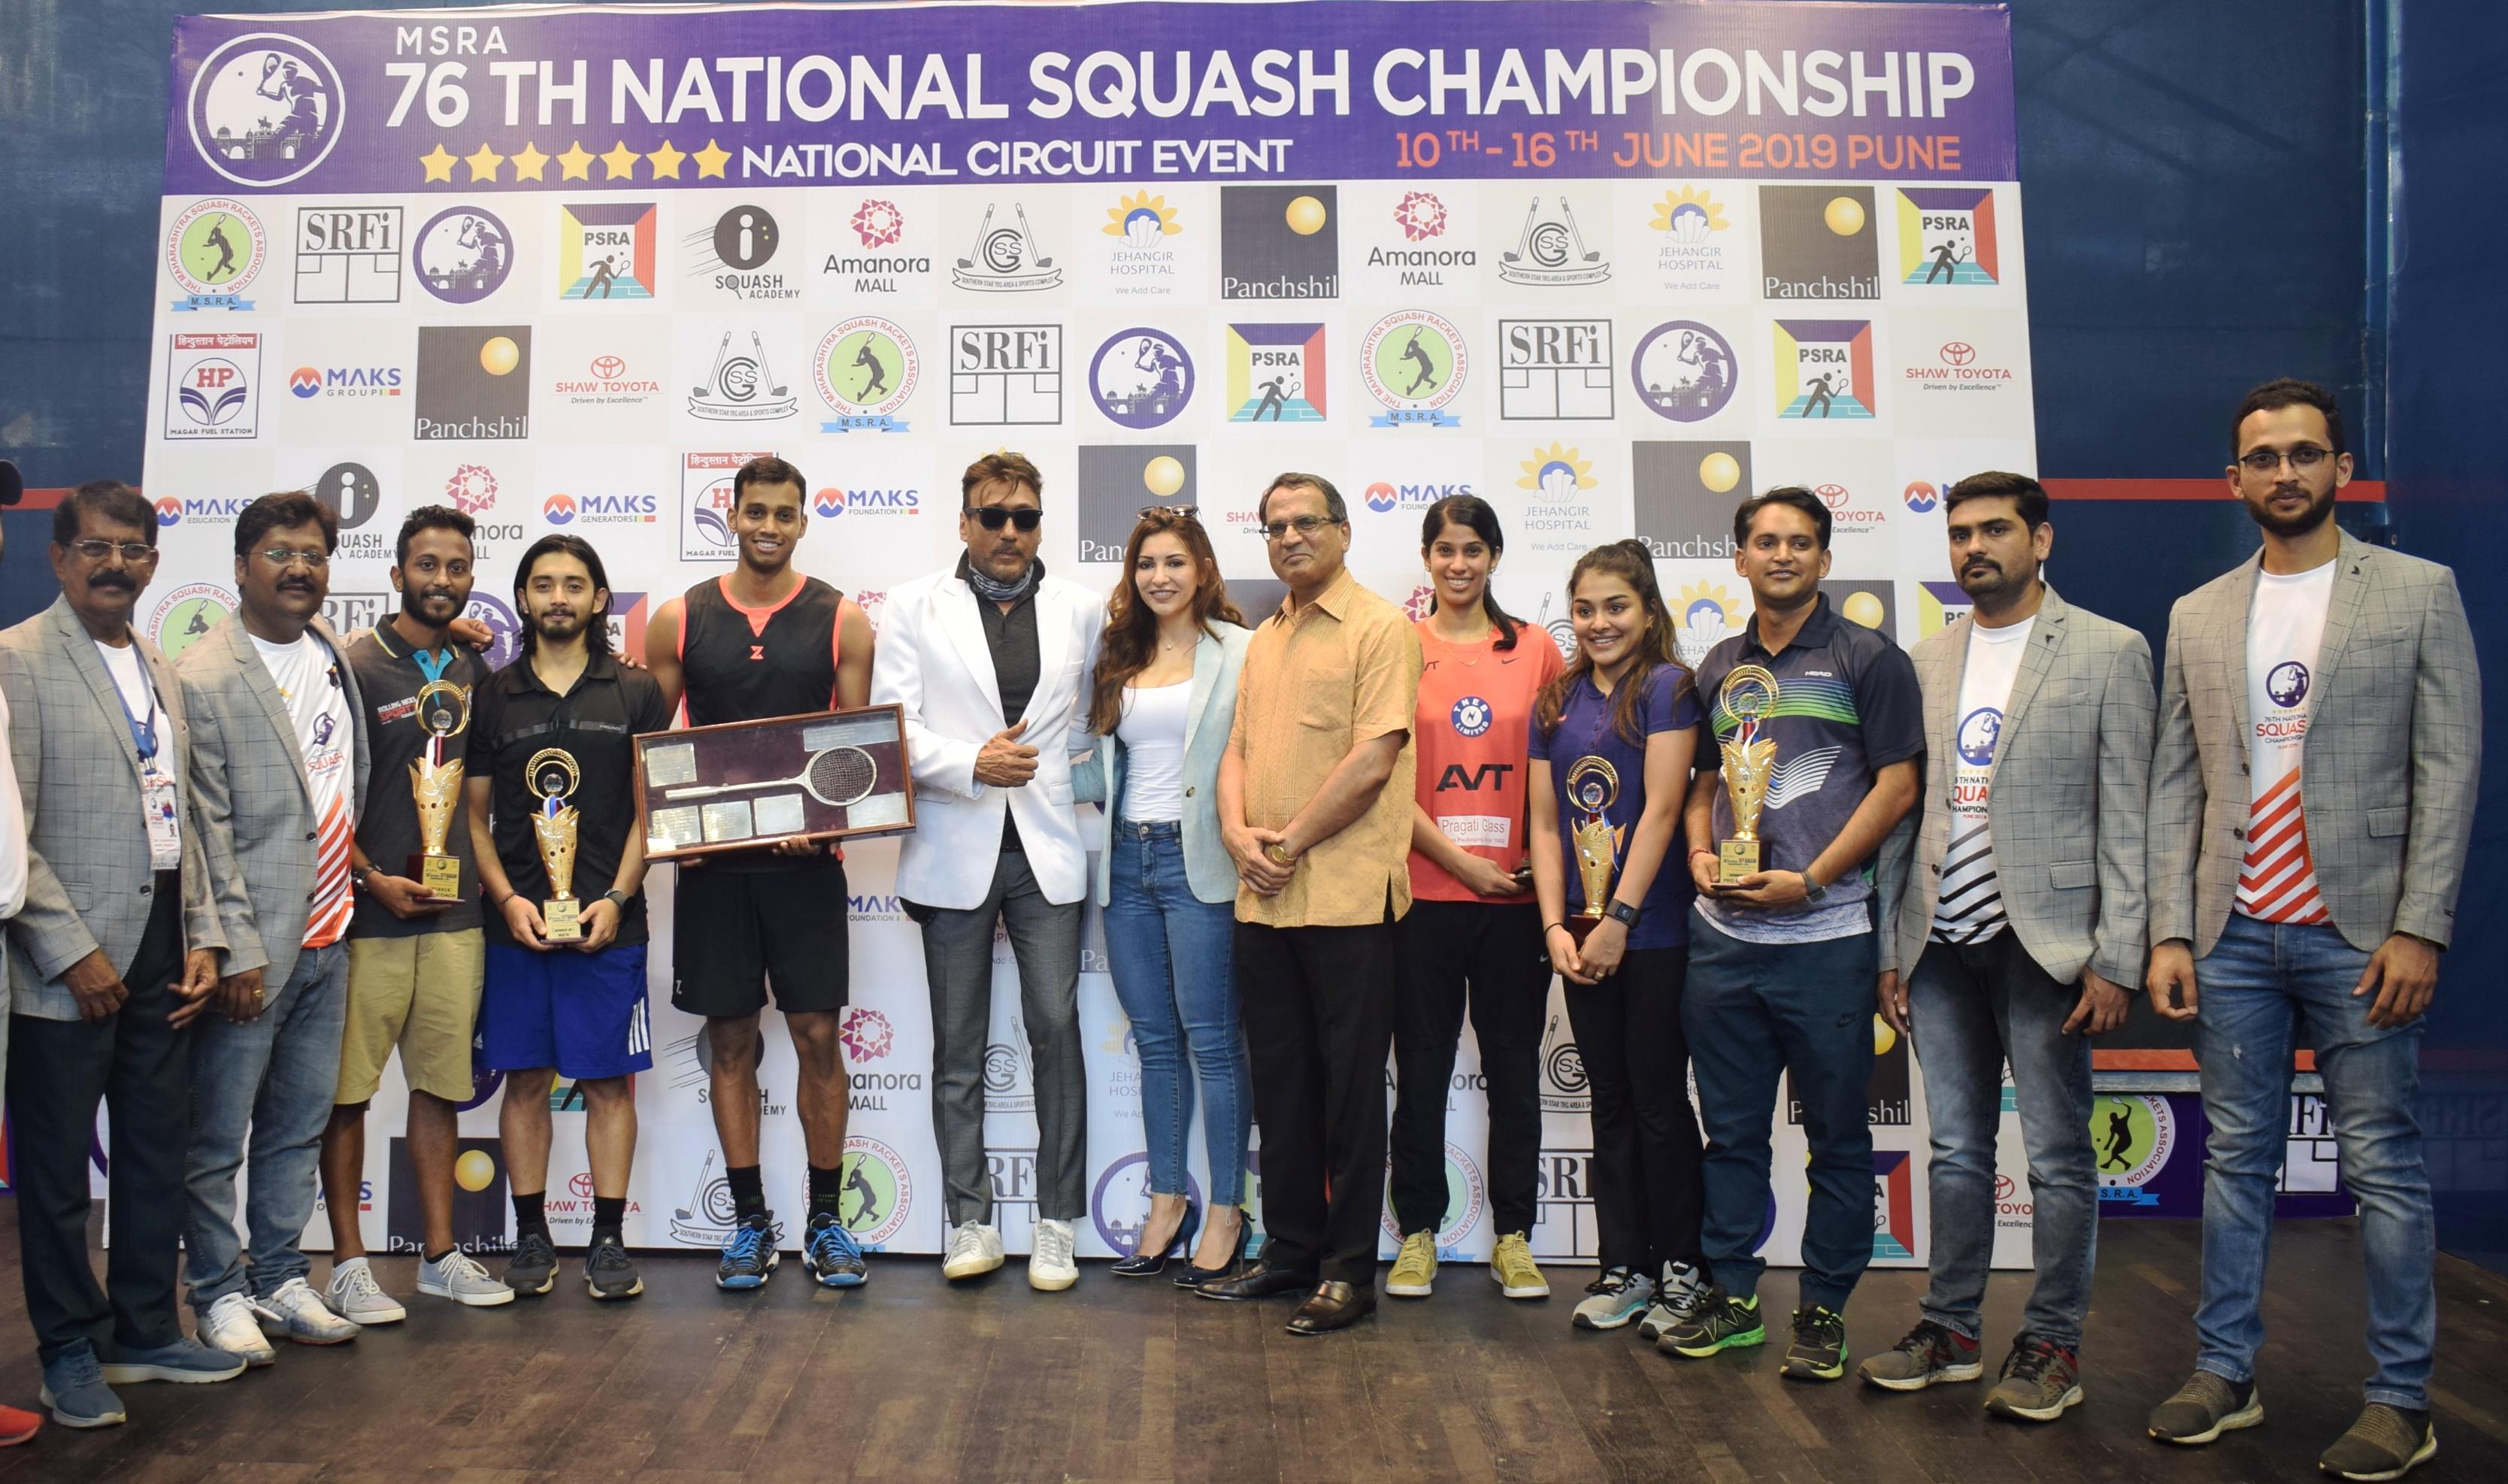 एमएसआरए 76व्या वरिष्ठ राष्ट्रीय स्क्वॅश 2019 अजिंक्यपद स्पर्धेत जोश्ना चिनप्पाला विक्रमी 17वे विजेतेपद